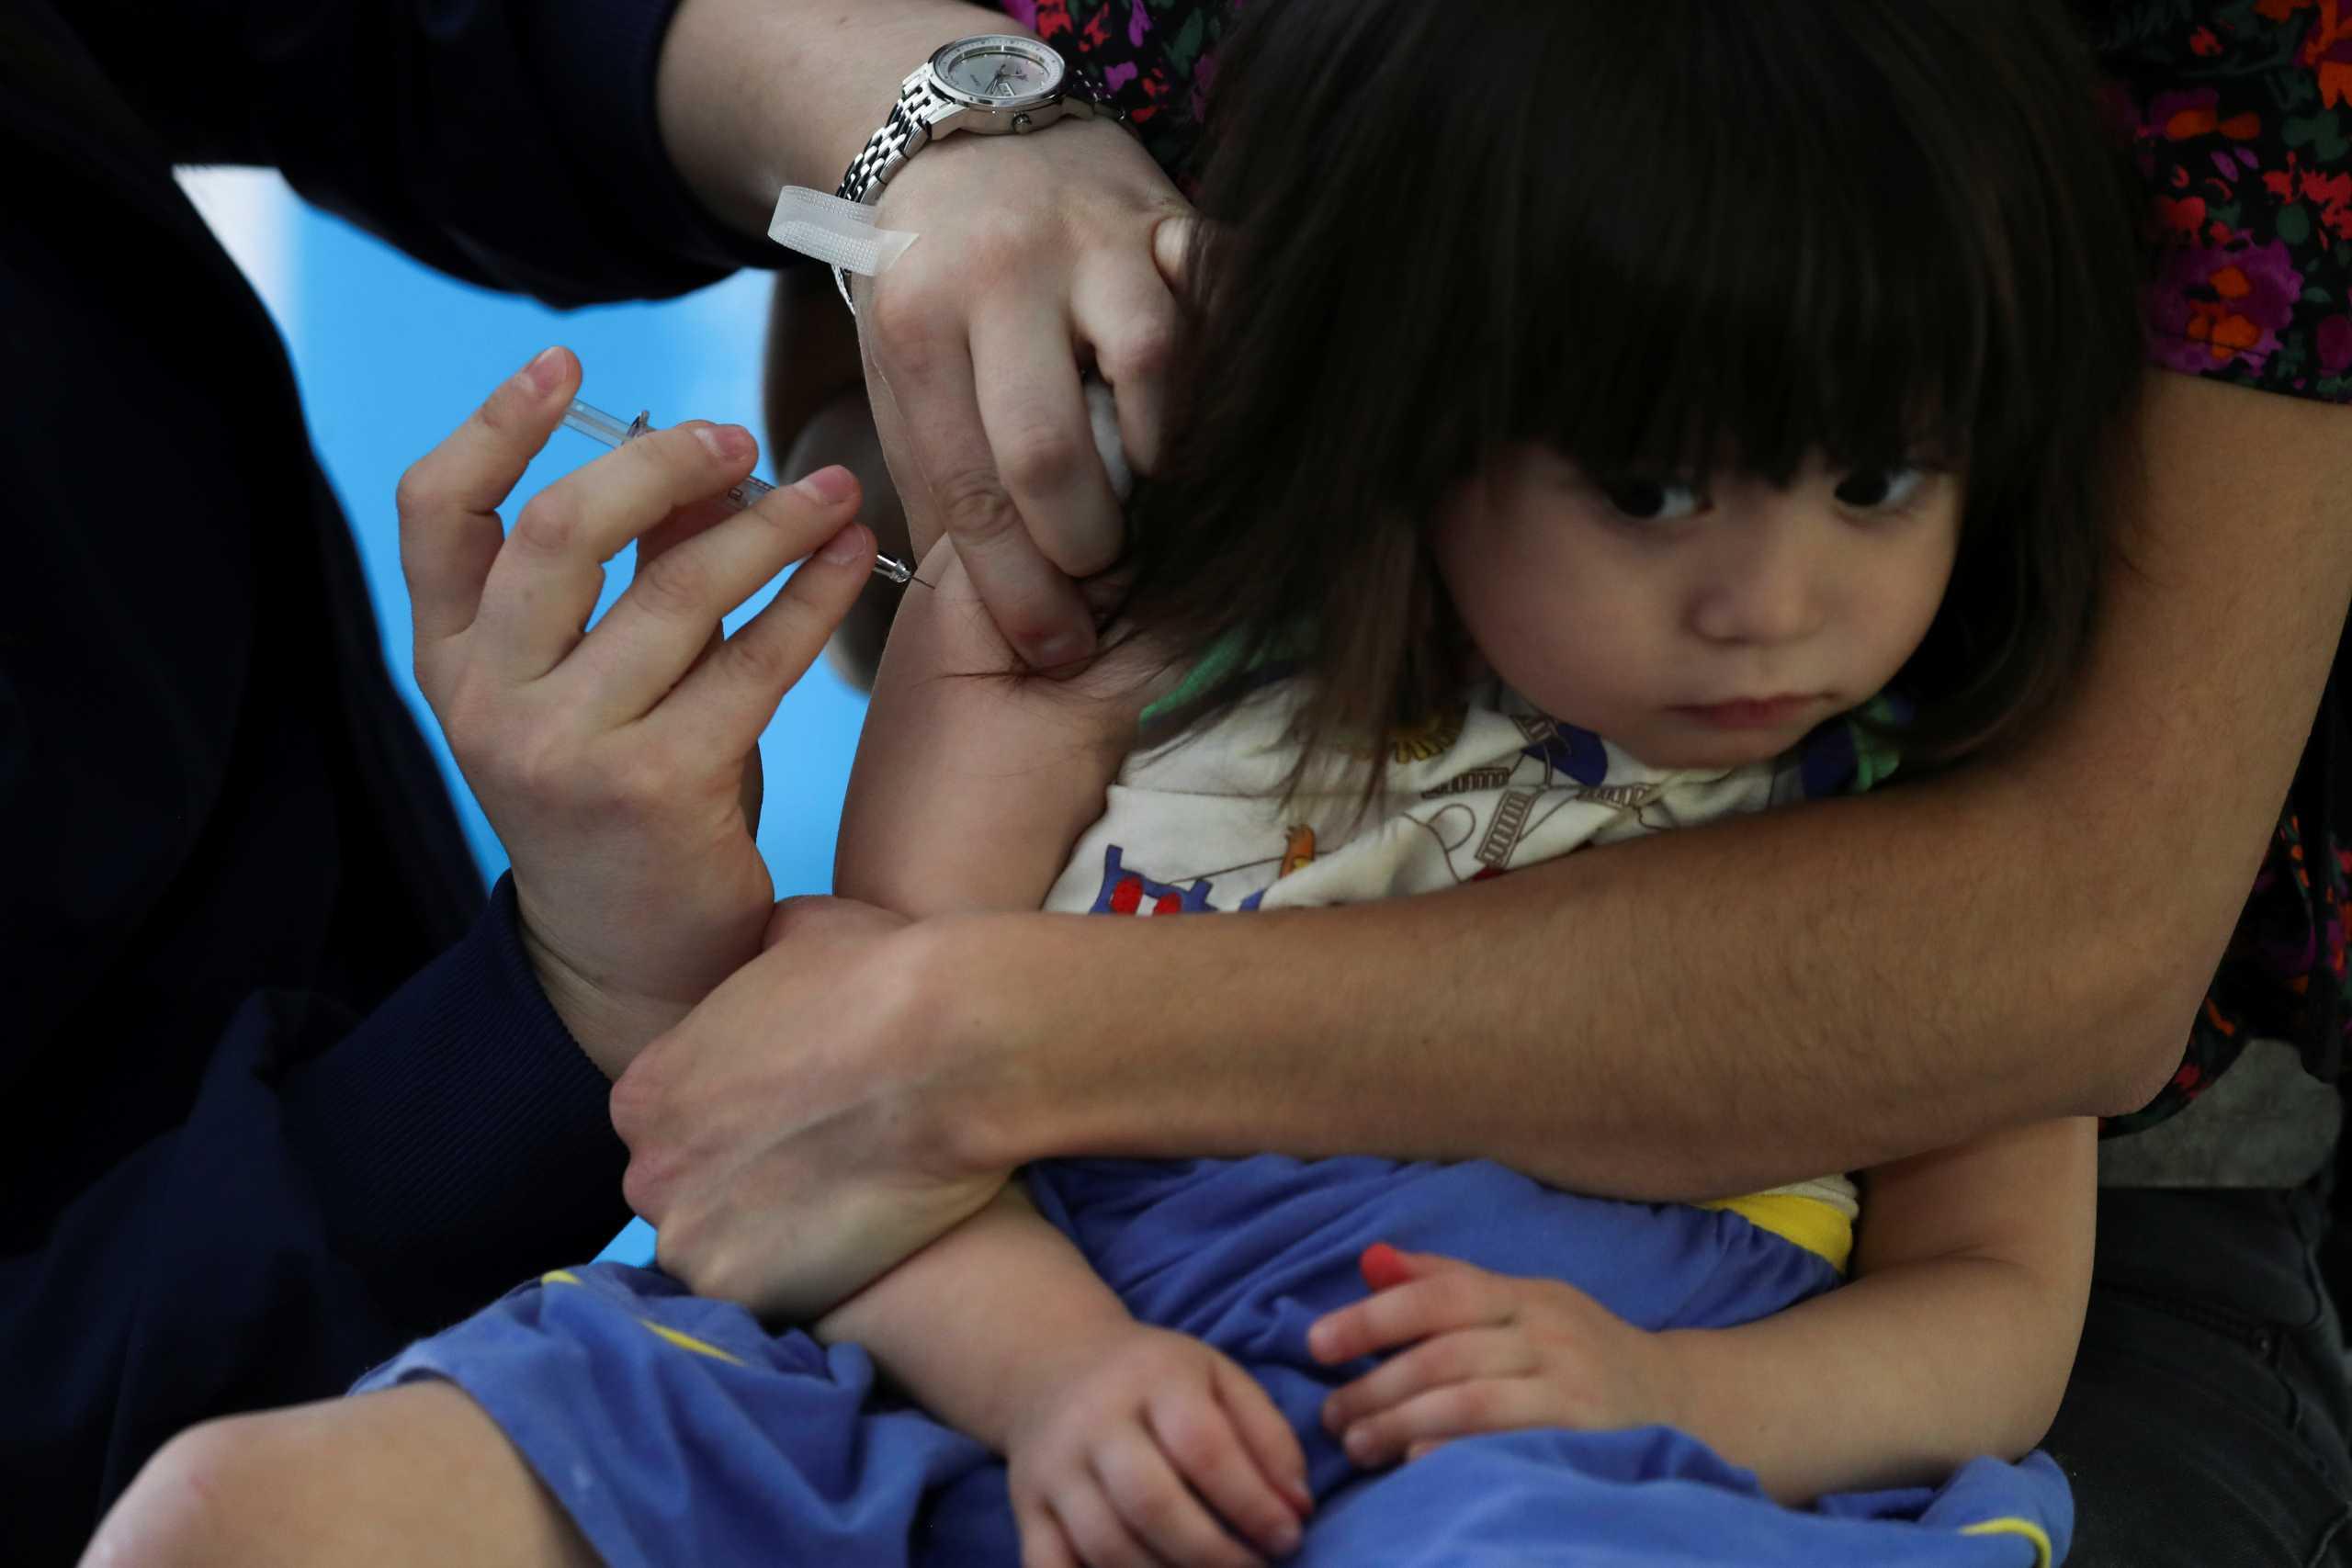 «Η τέλεια καταιγίδα»: Καμπανάκι ΟΗΕ για την επιβράδυνση των παιδικών εμβολιασμών λόγω κορονοϊου